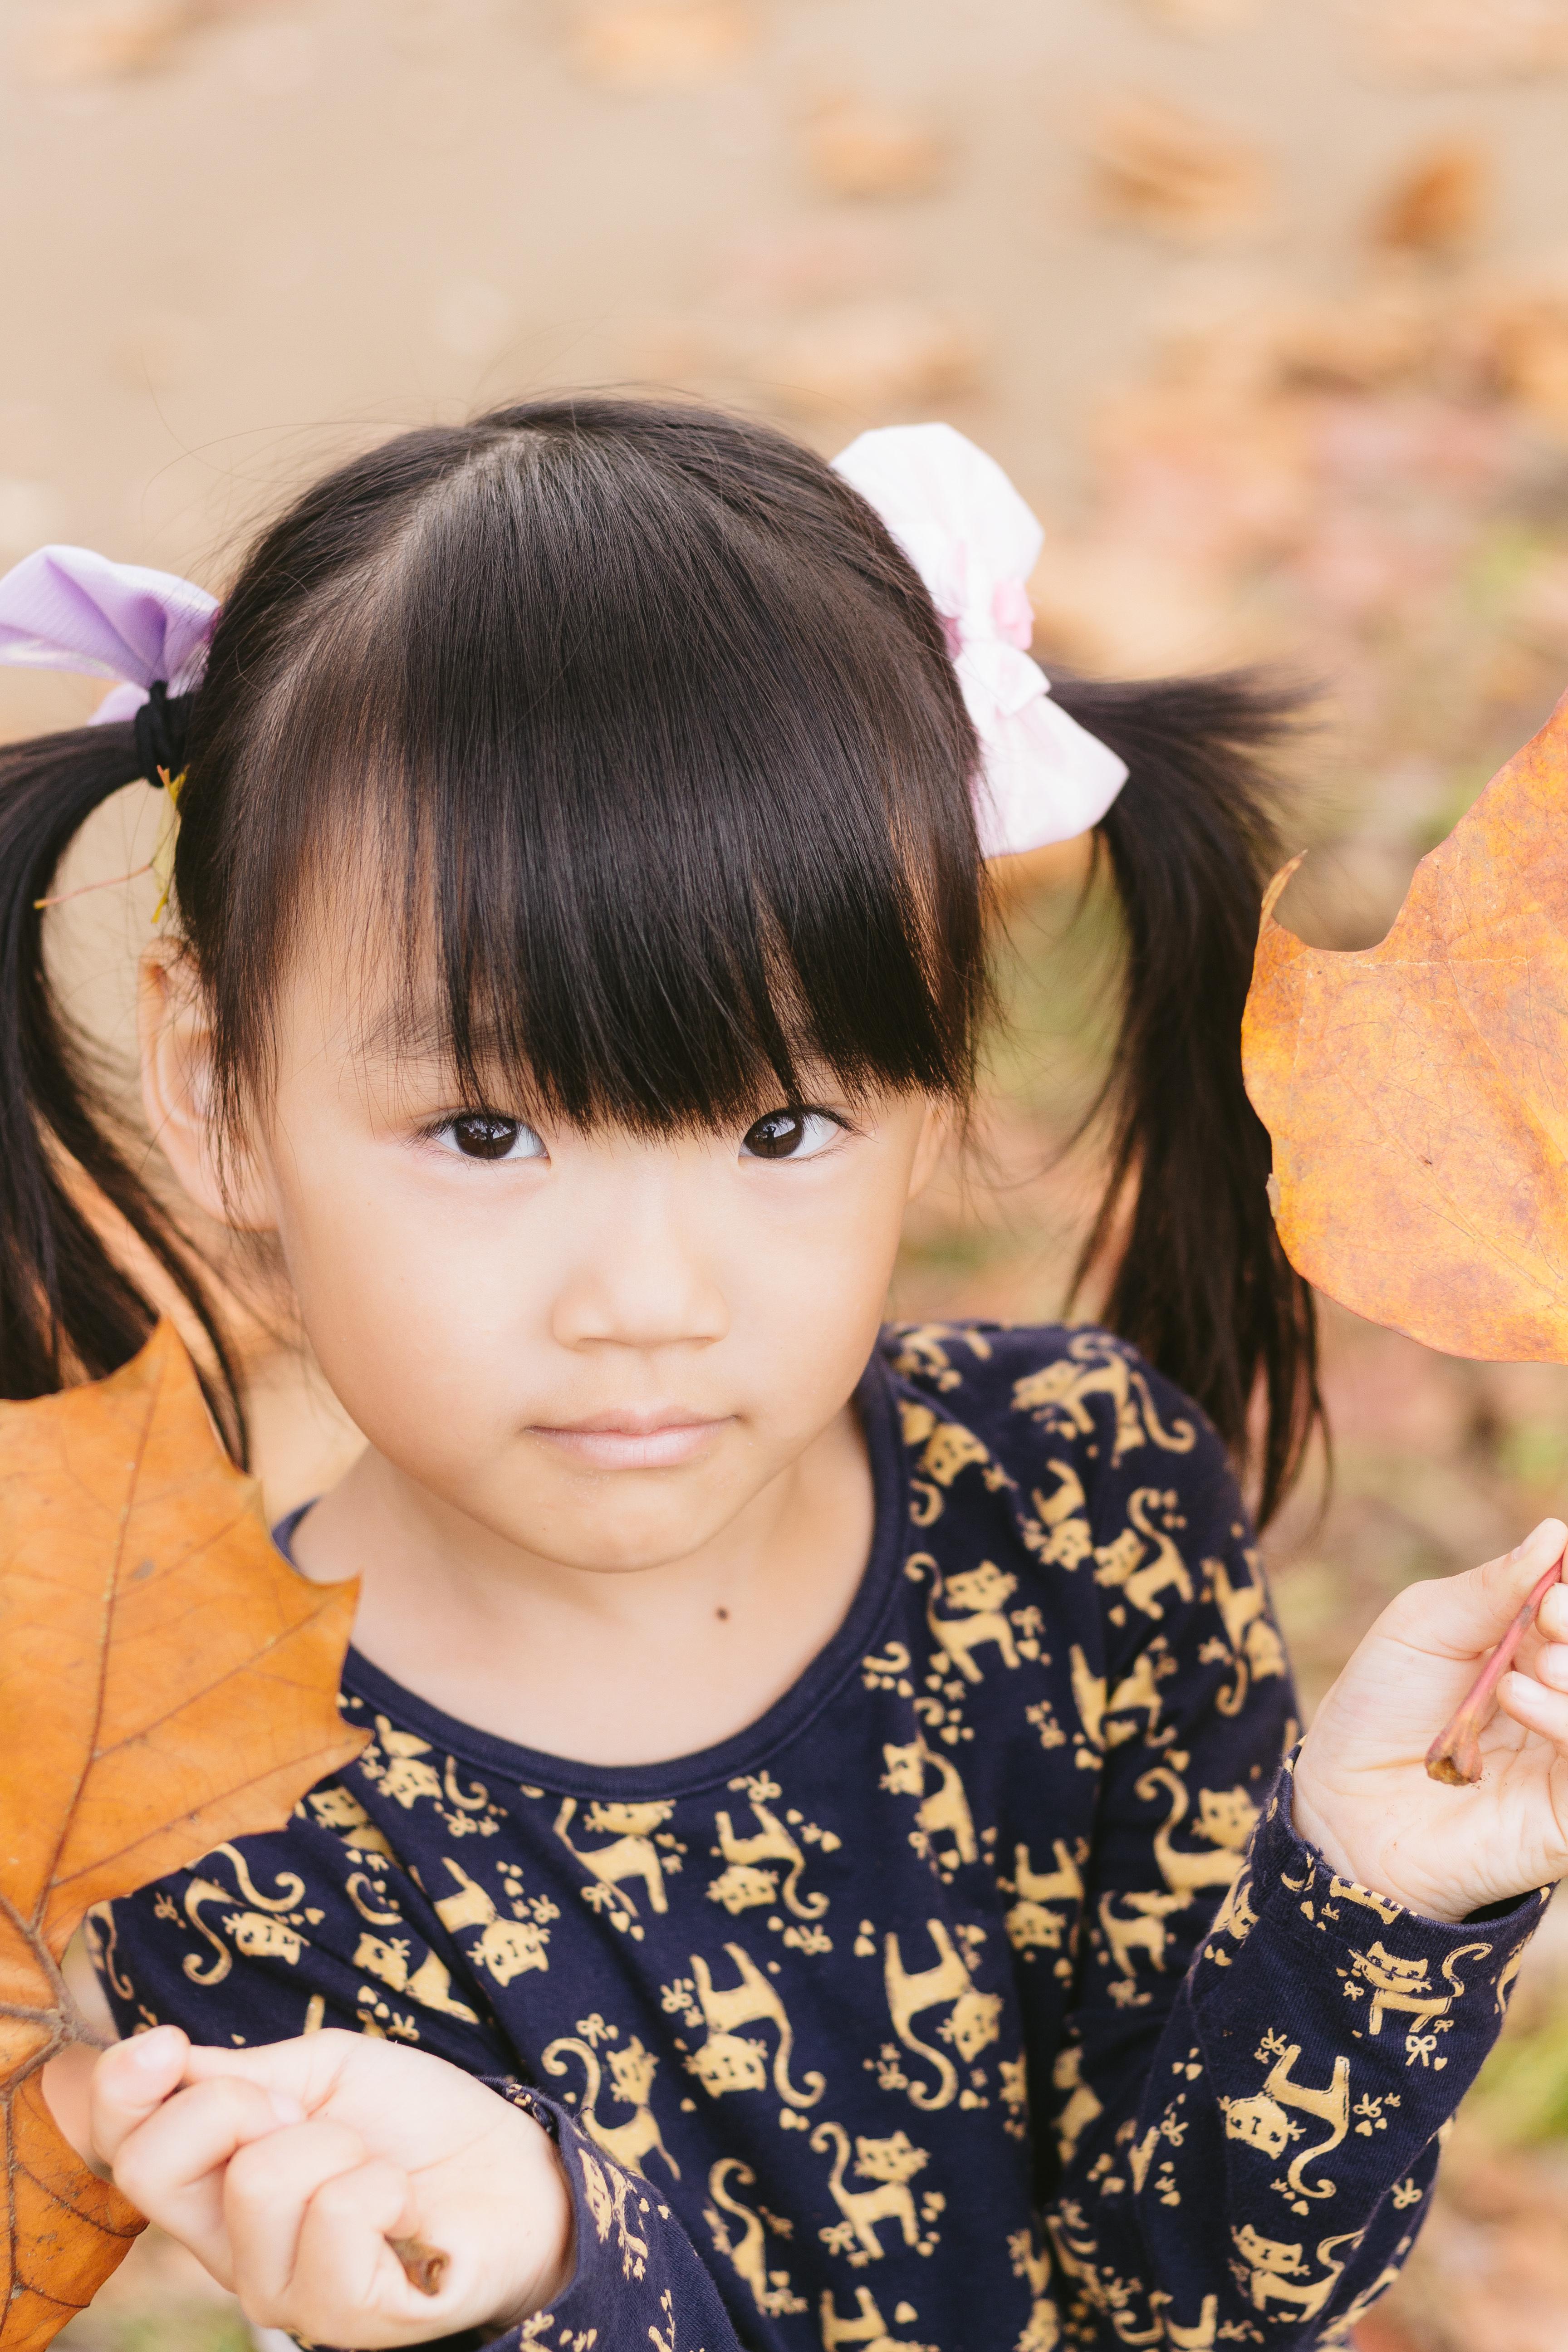 敏感な子の幼稚園選び  | 札幌・全国子育て教室にじいろのはな